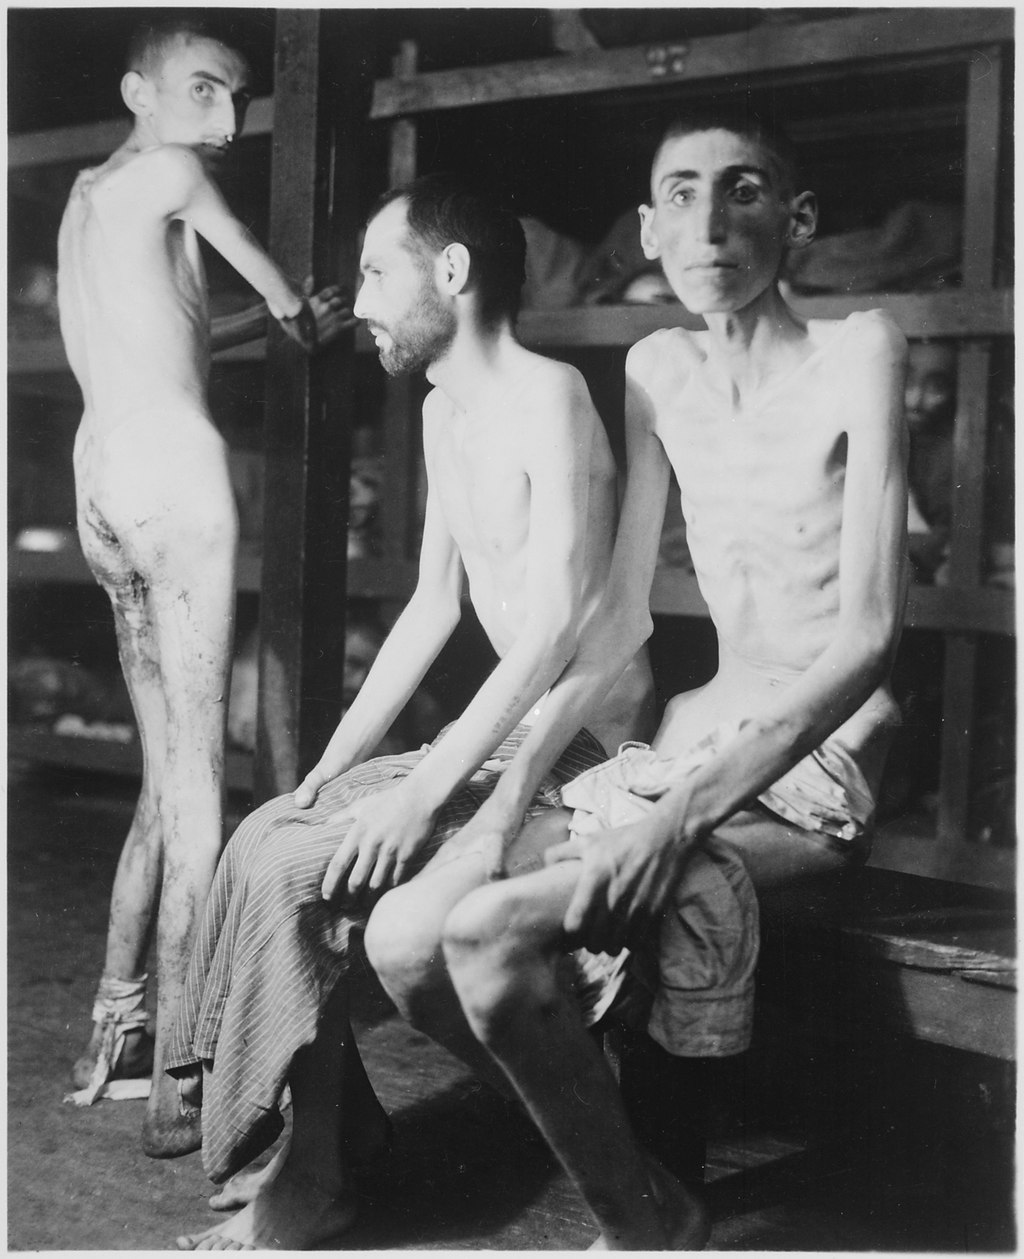 Ofiary niemieckich obozow koncentracyjnych